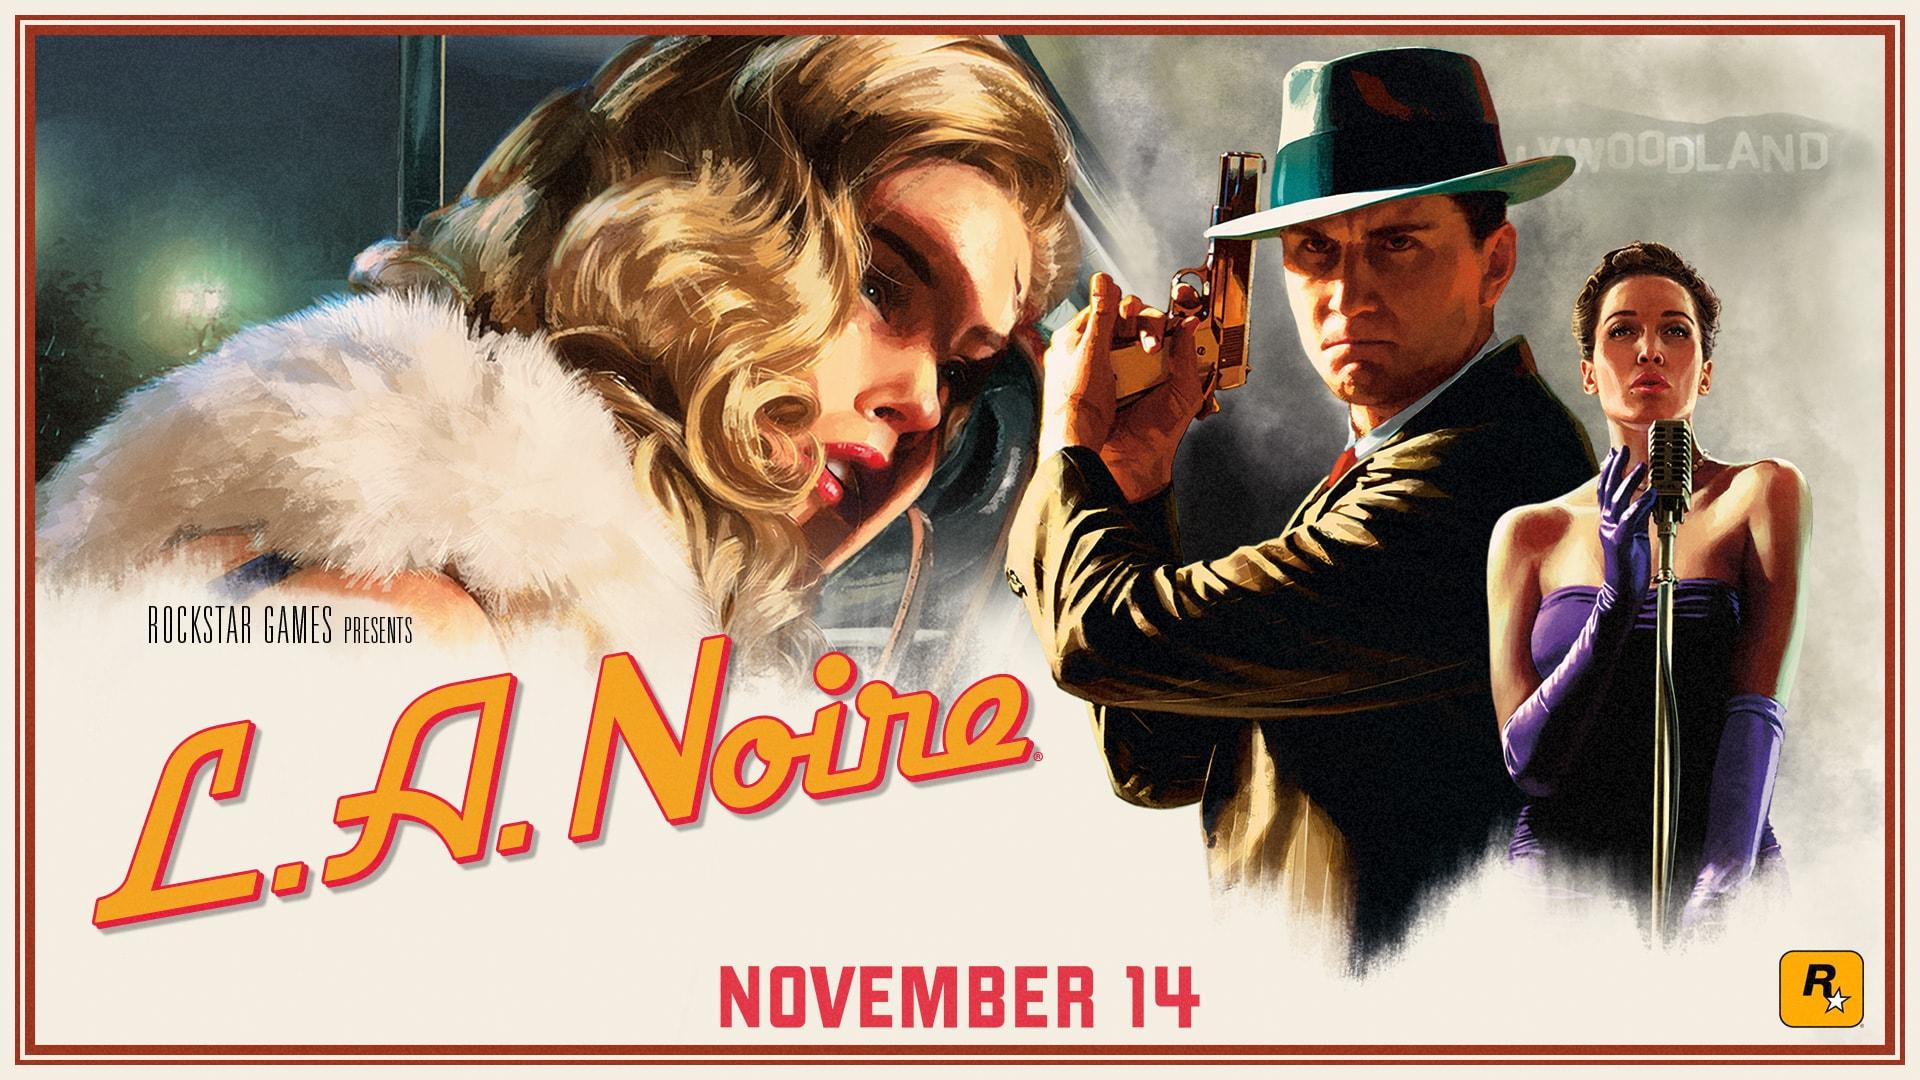 L.A. Noire Gets 4K Trailer